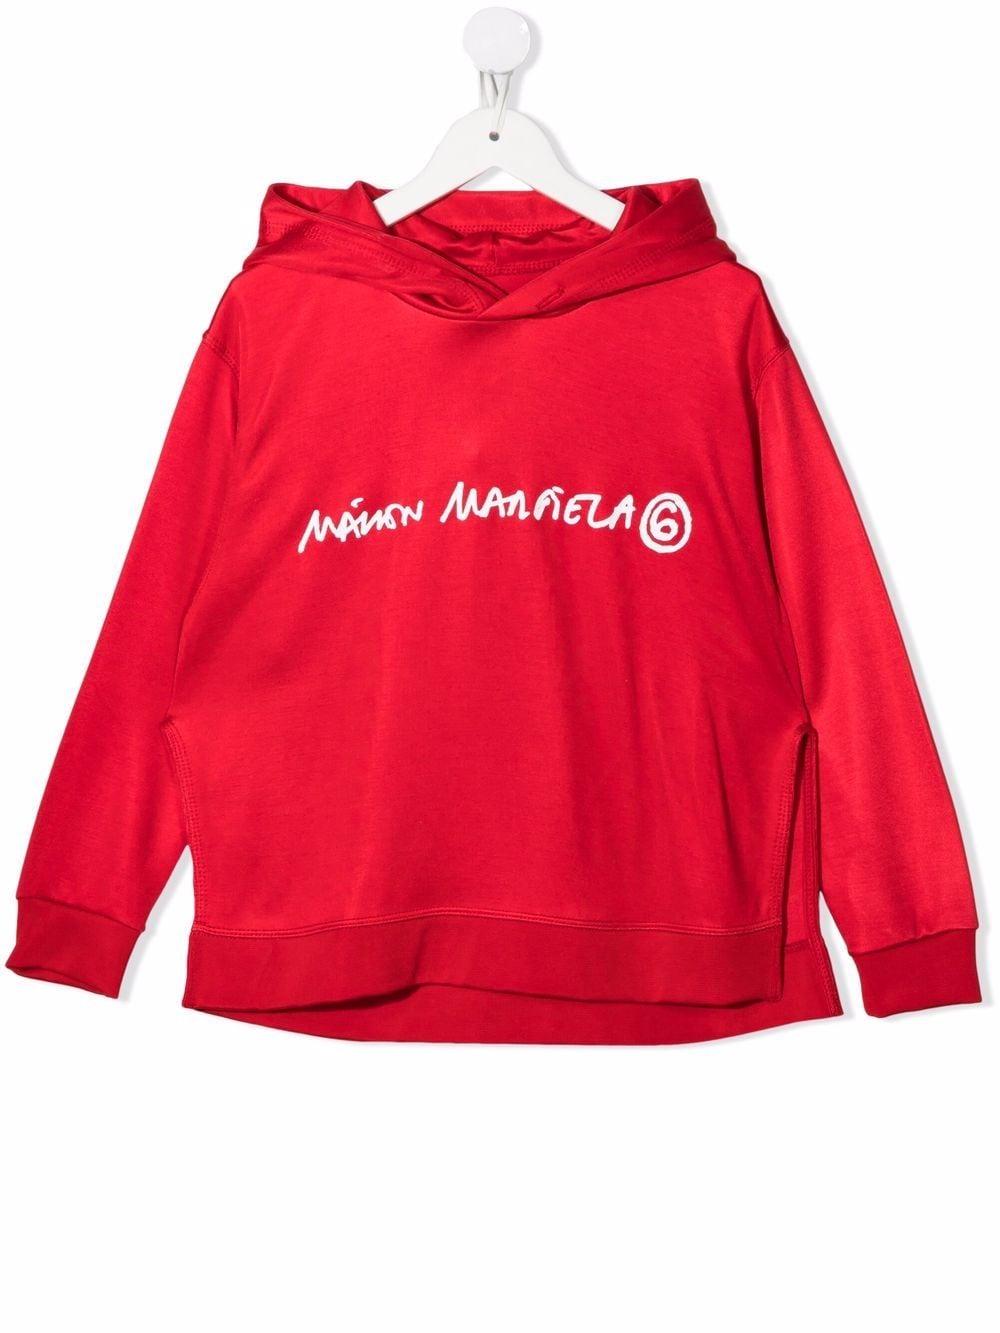 MM6 MAISON MARGIELA |  | MM6S1UM60011MM005M6400#